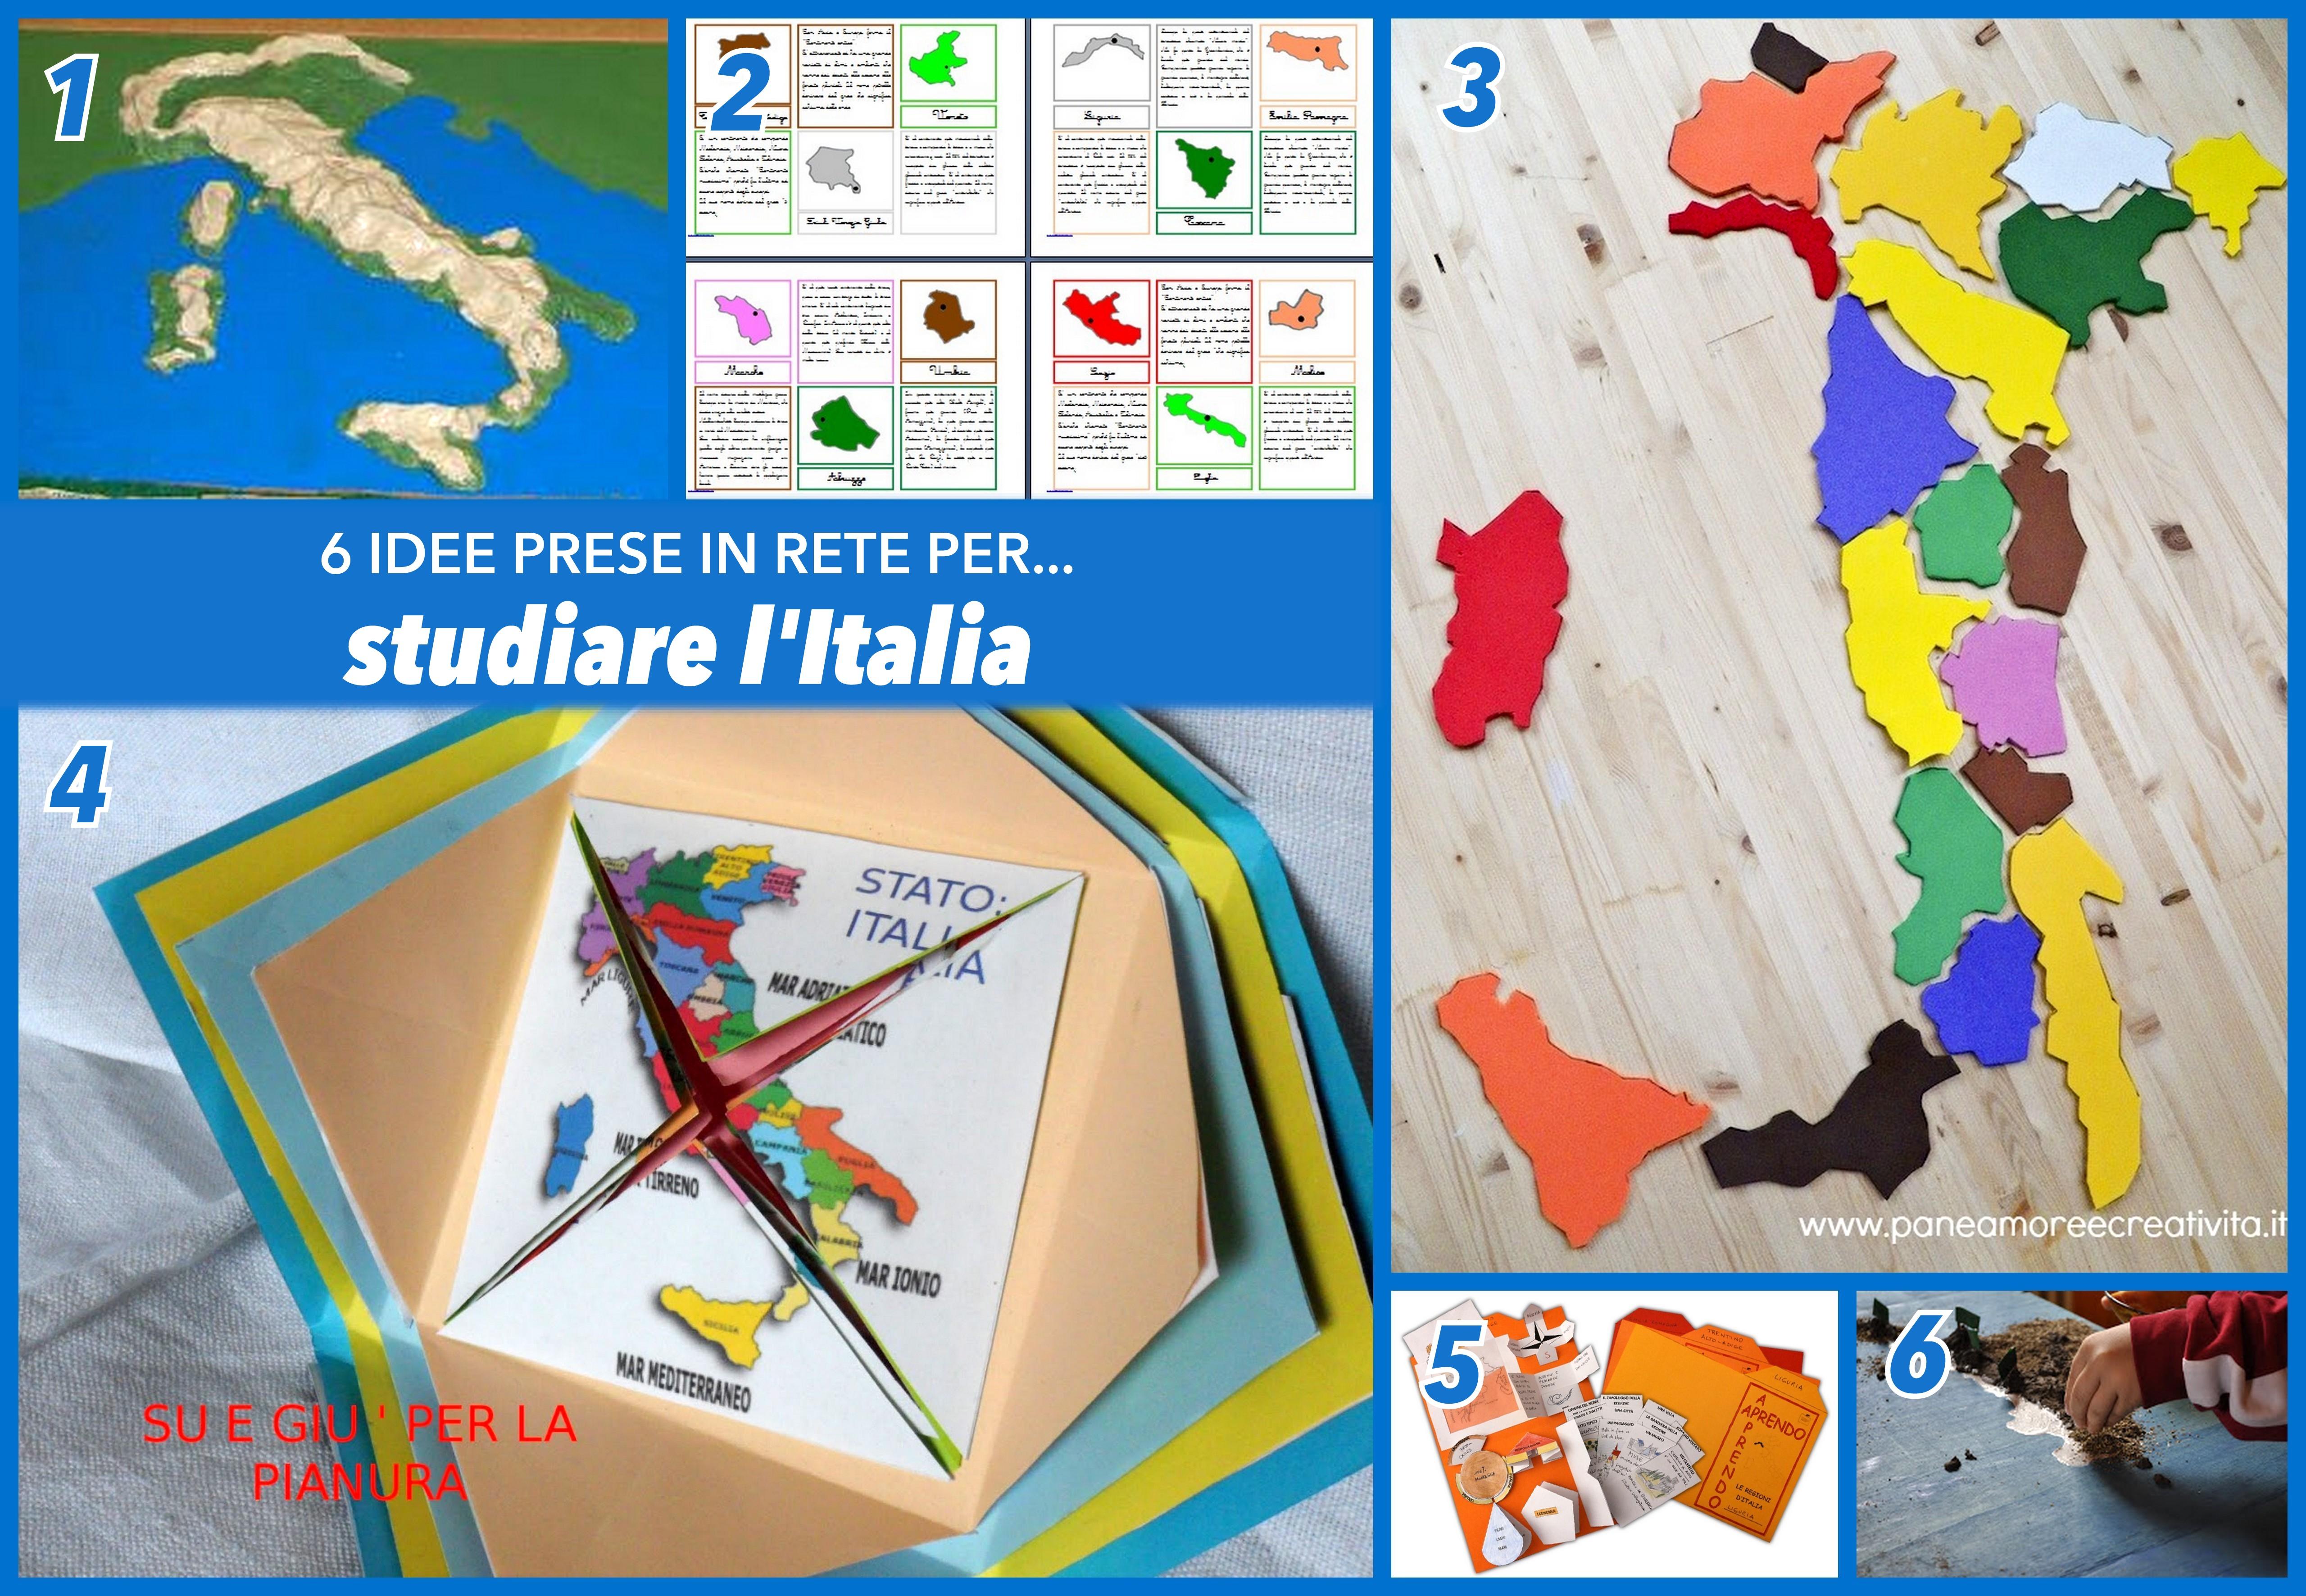 idee per studiare l'italia fisica e politica